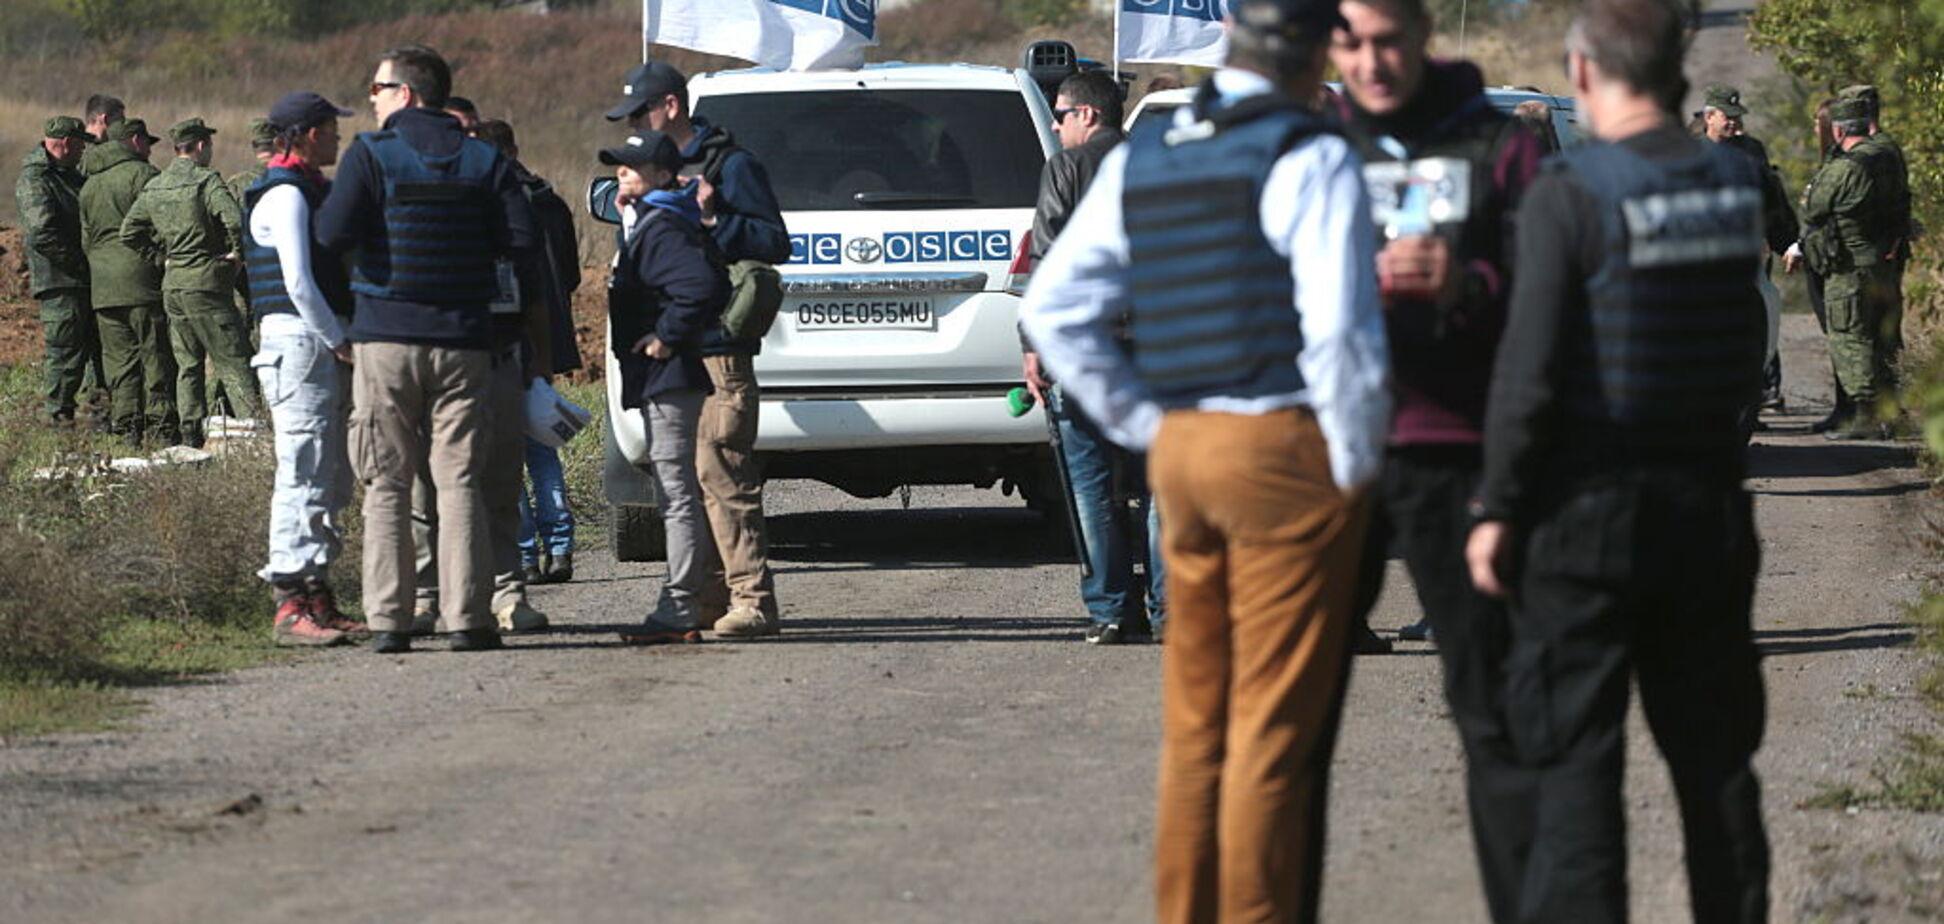 Терористи 'Л/ДНР' влаштували брутальну провокацію проти ОБСЄ